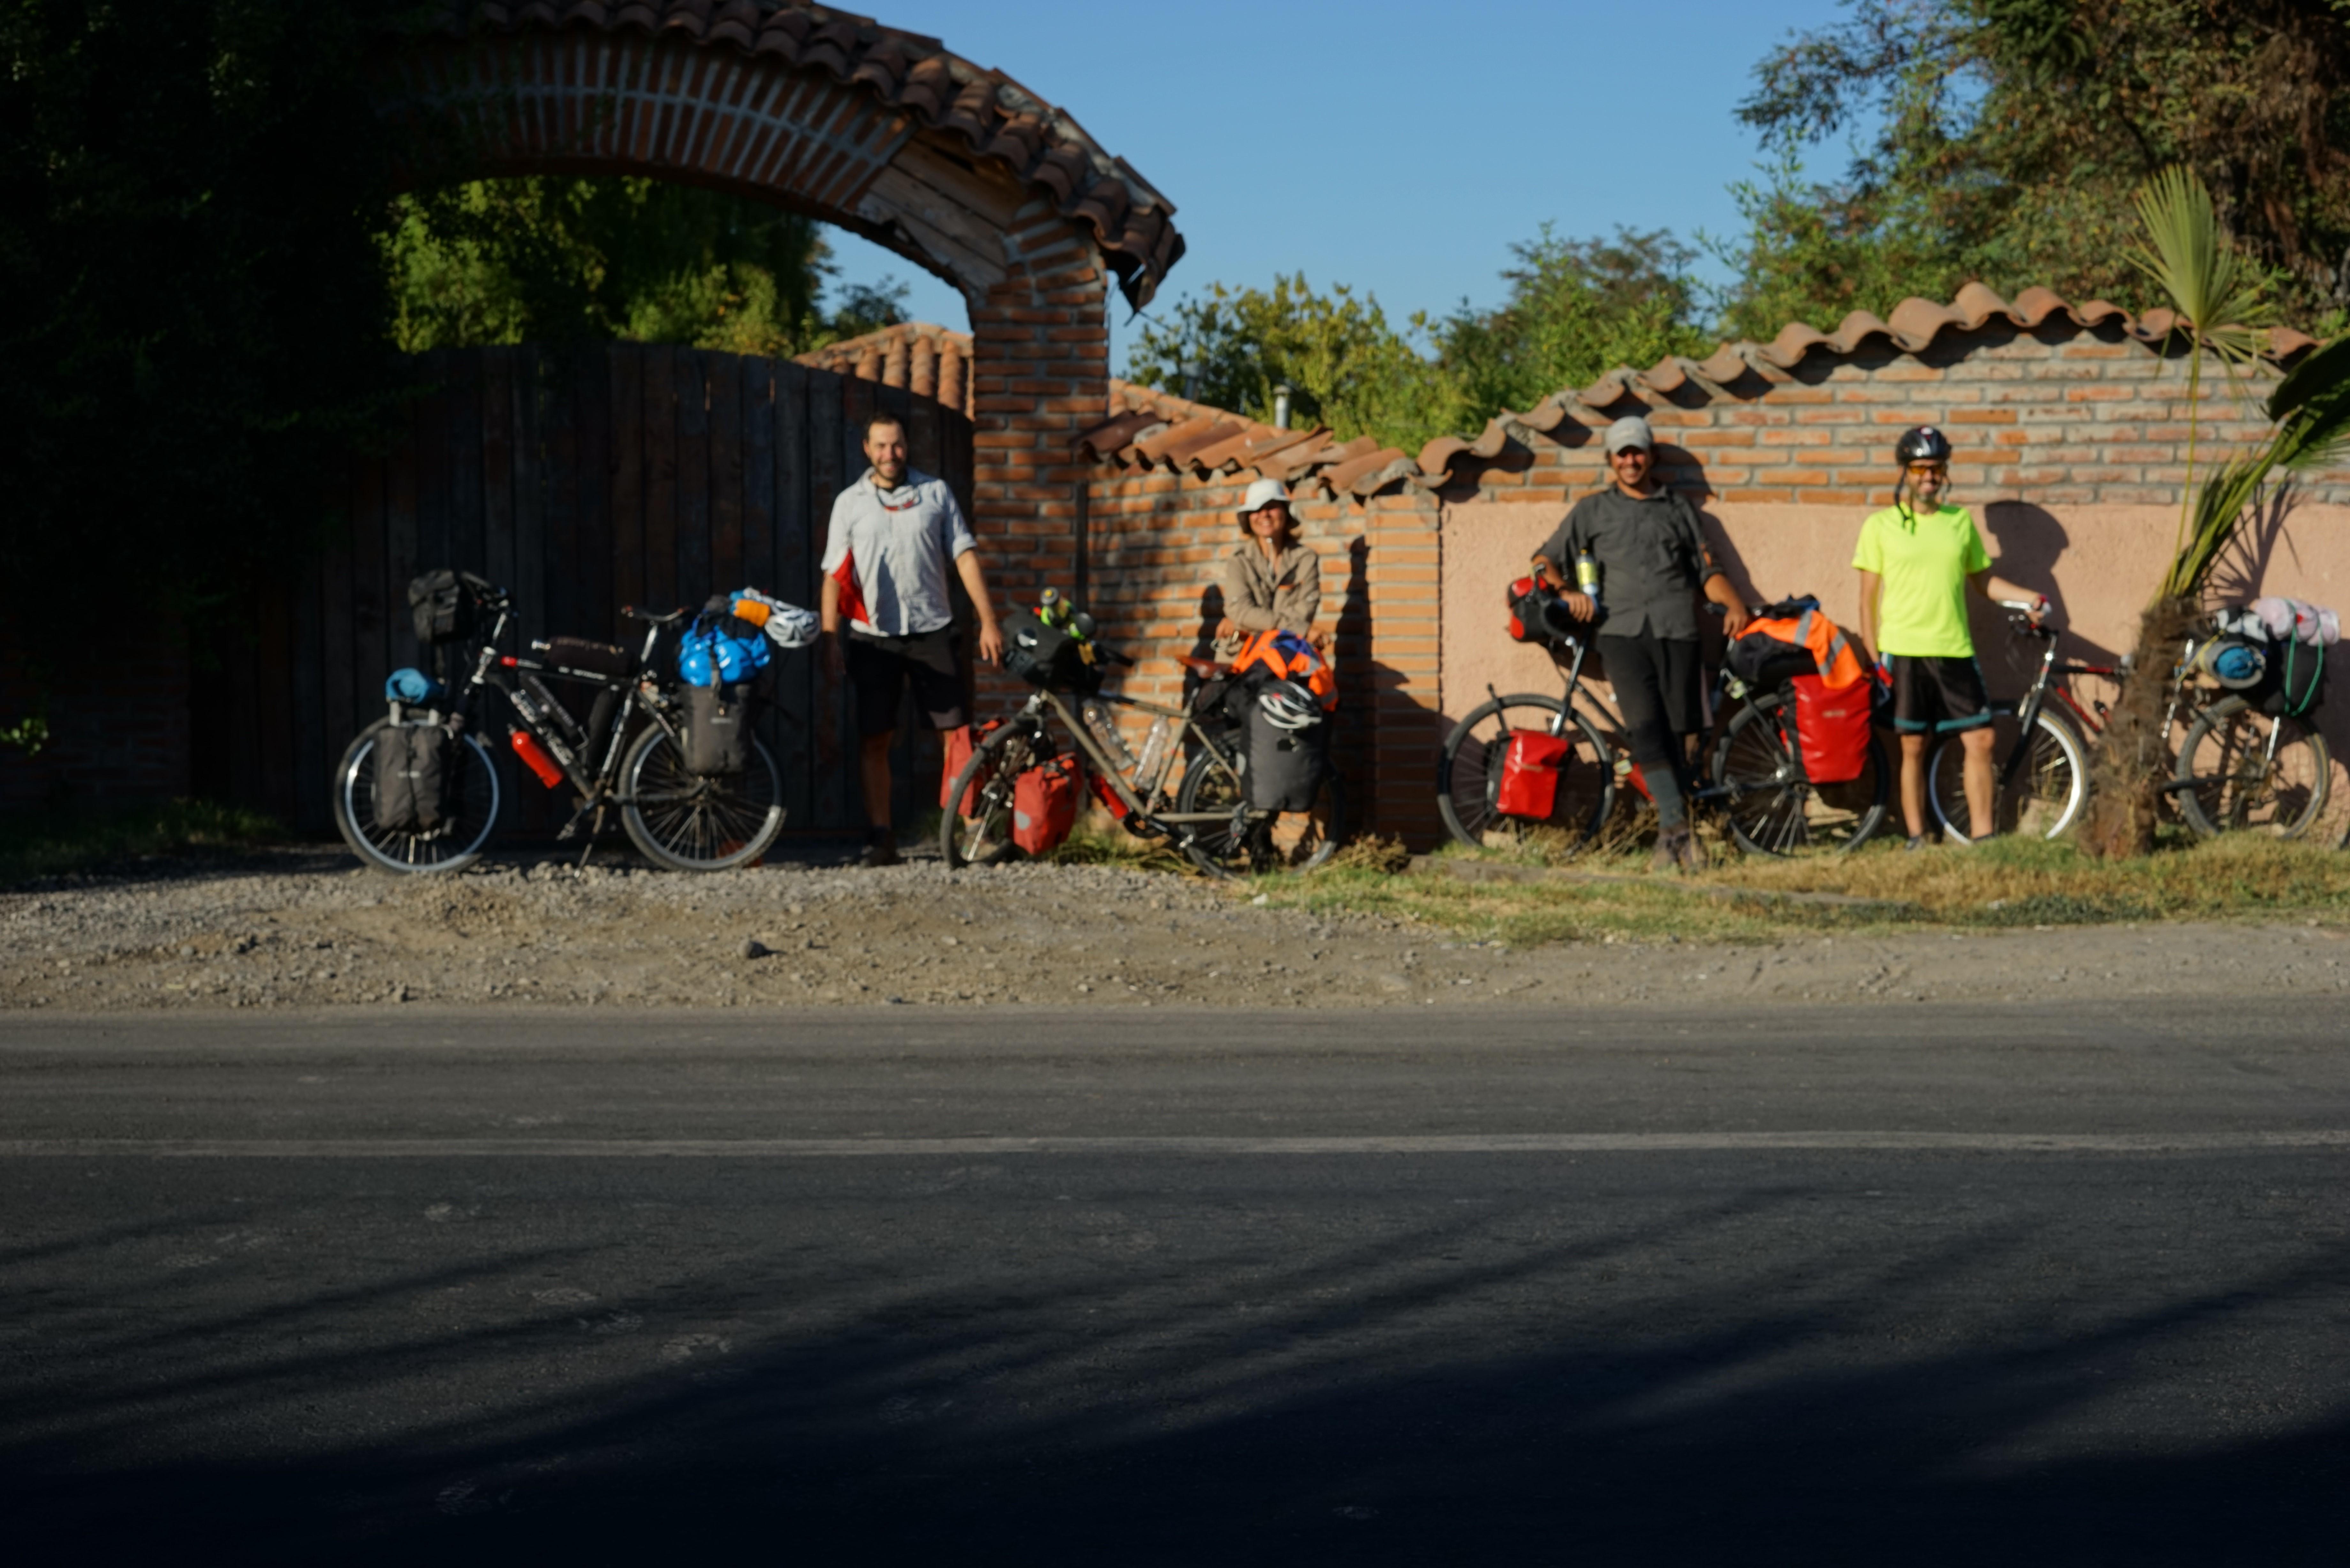 Dünyayı Bisikletiyle Gezen Türk Bisikletçiler